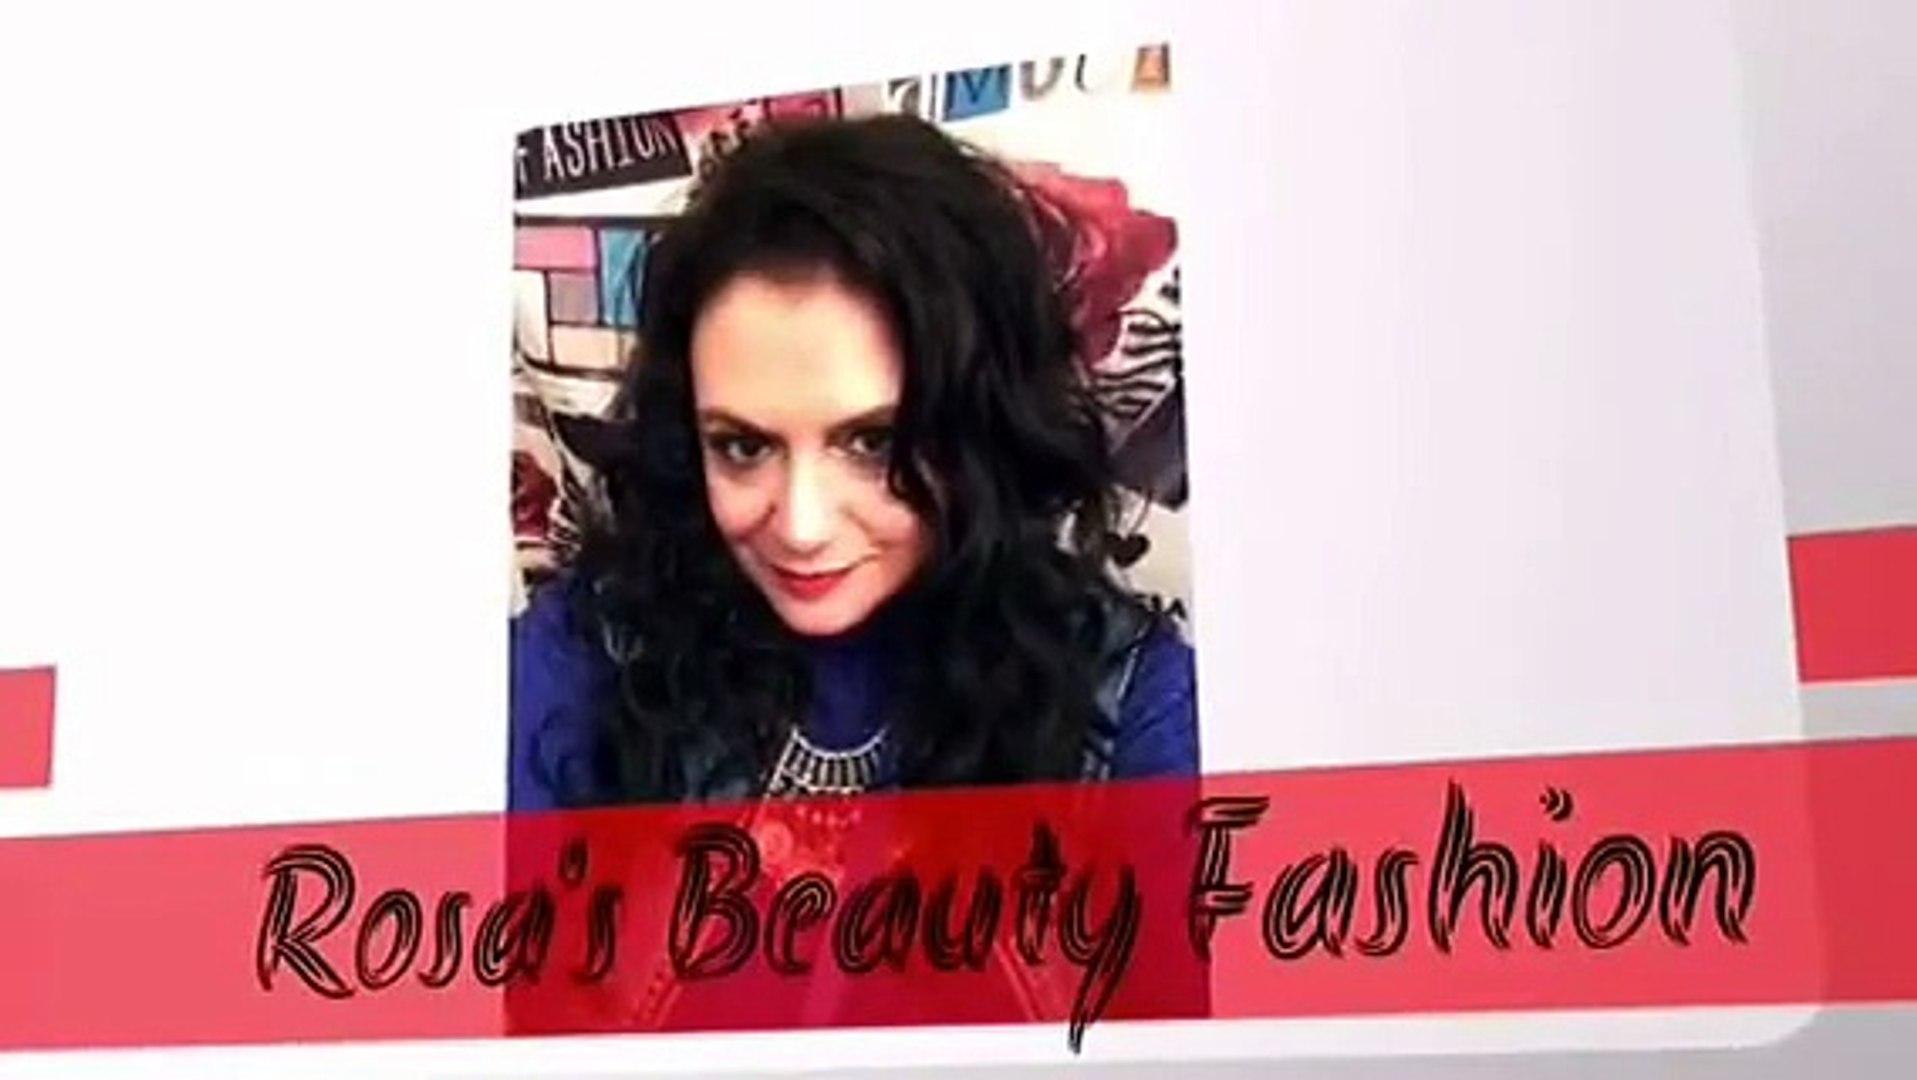 Instagram Cut Off On Me  Fashion FridayRosa's Beauty Fashion